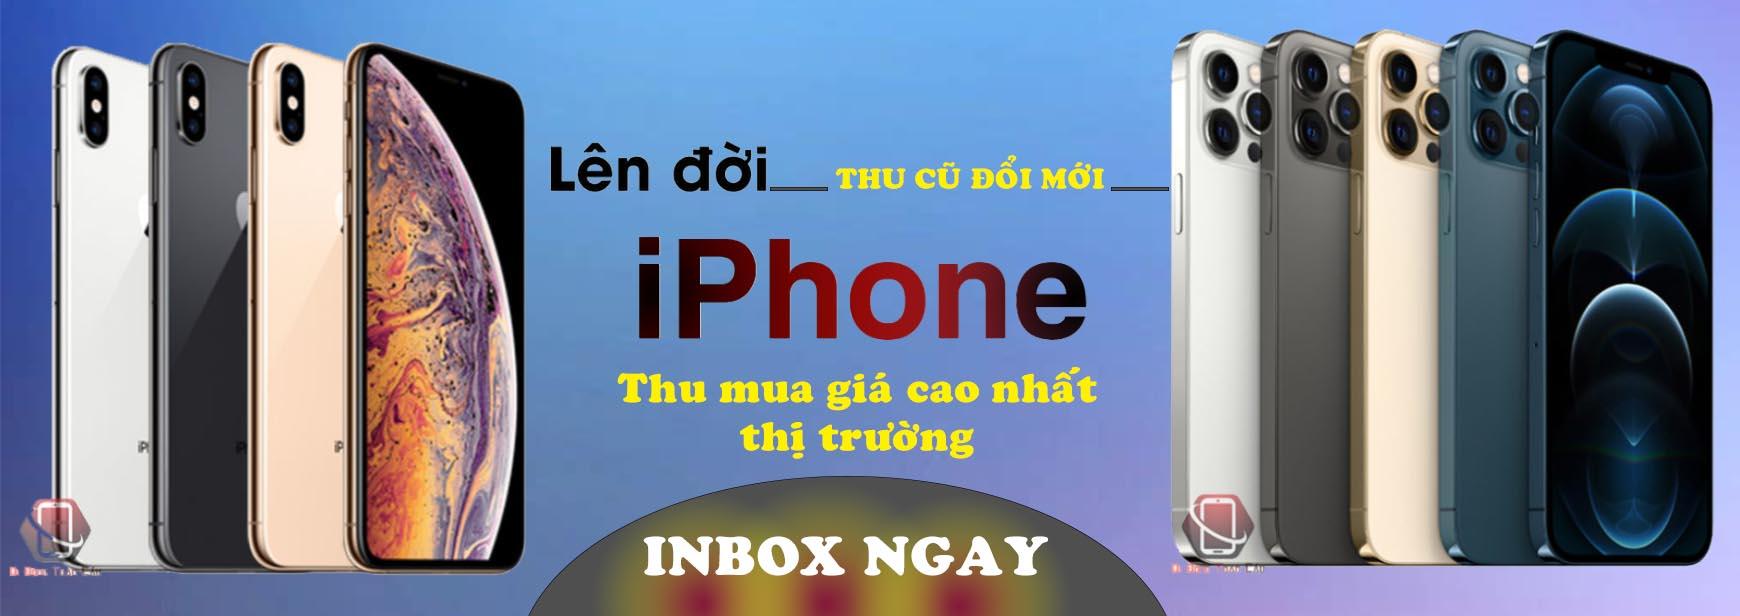 Thu mua điện thoại cũ giá cao